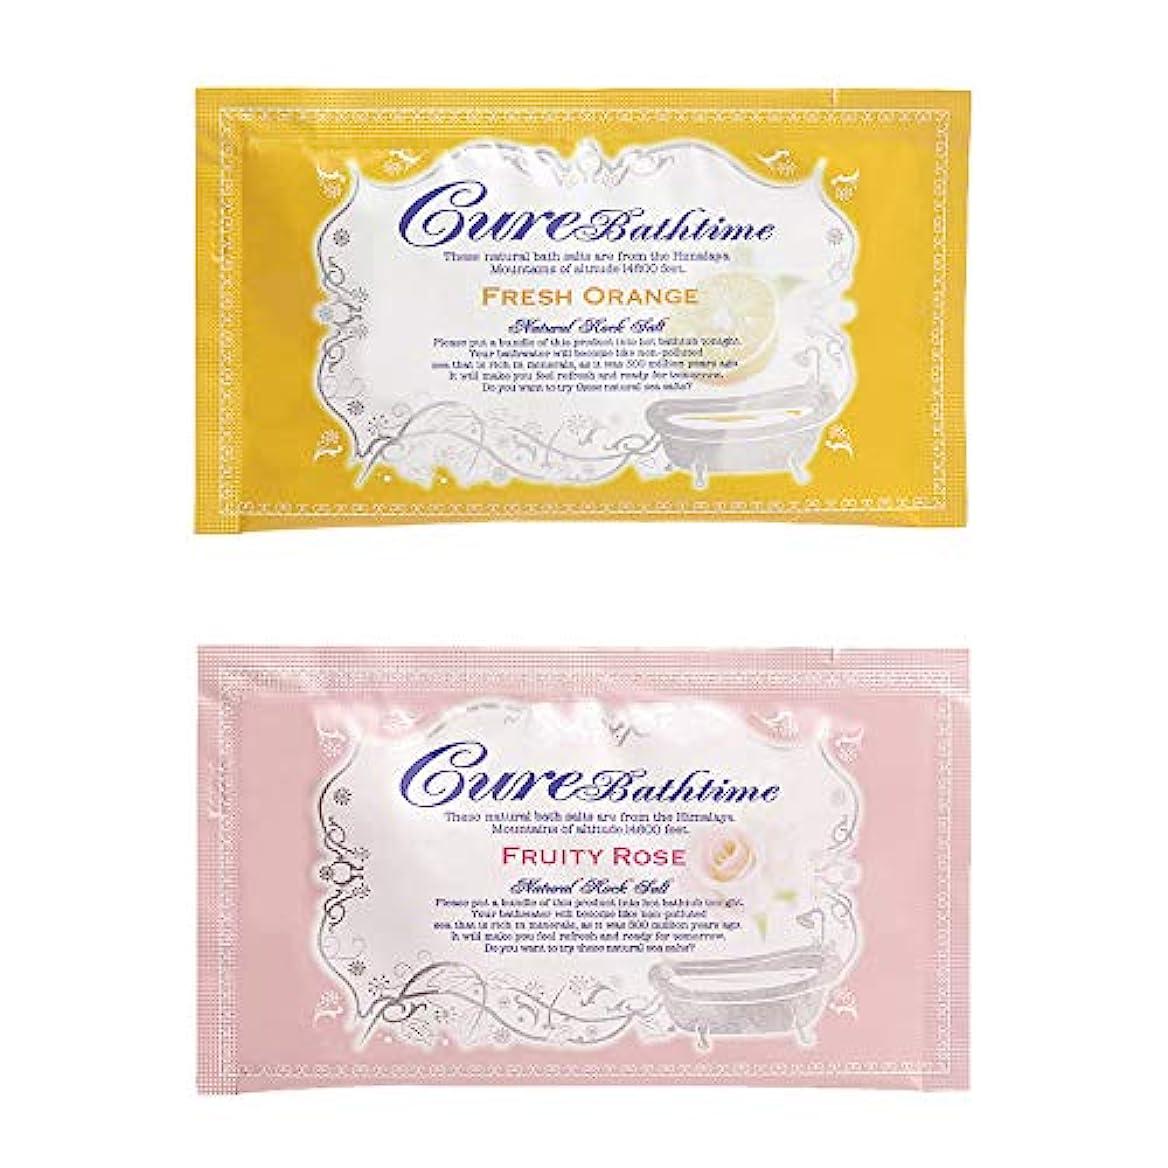 Cureバスタイム Bathtimeセット(フルーティローズの香り5包?フレッシュオレンジの香り5包 20g×10包セット)